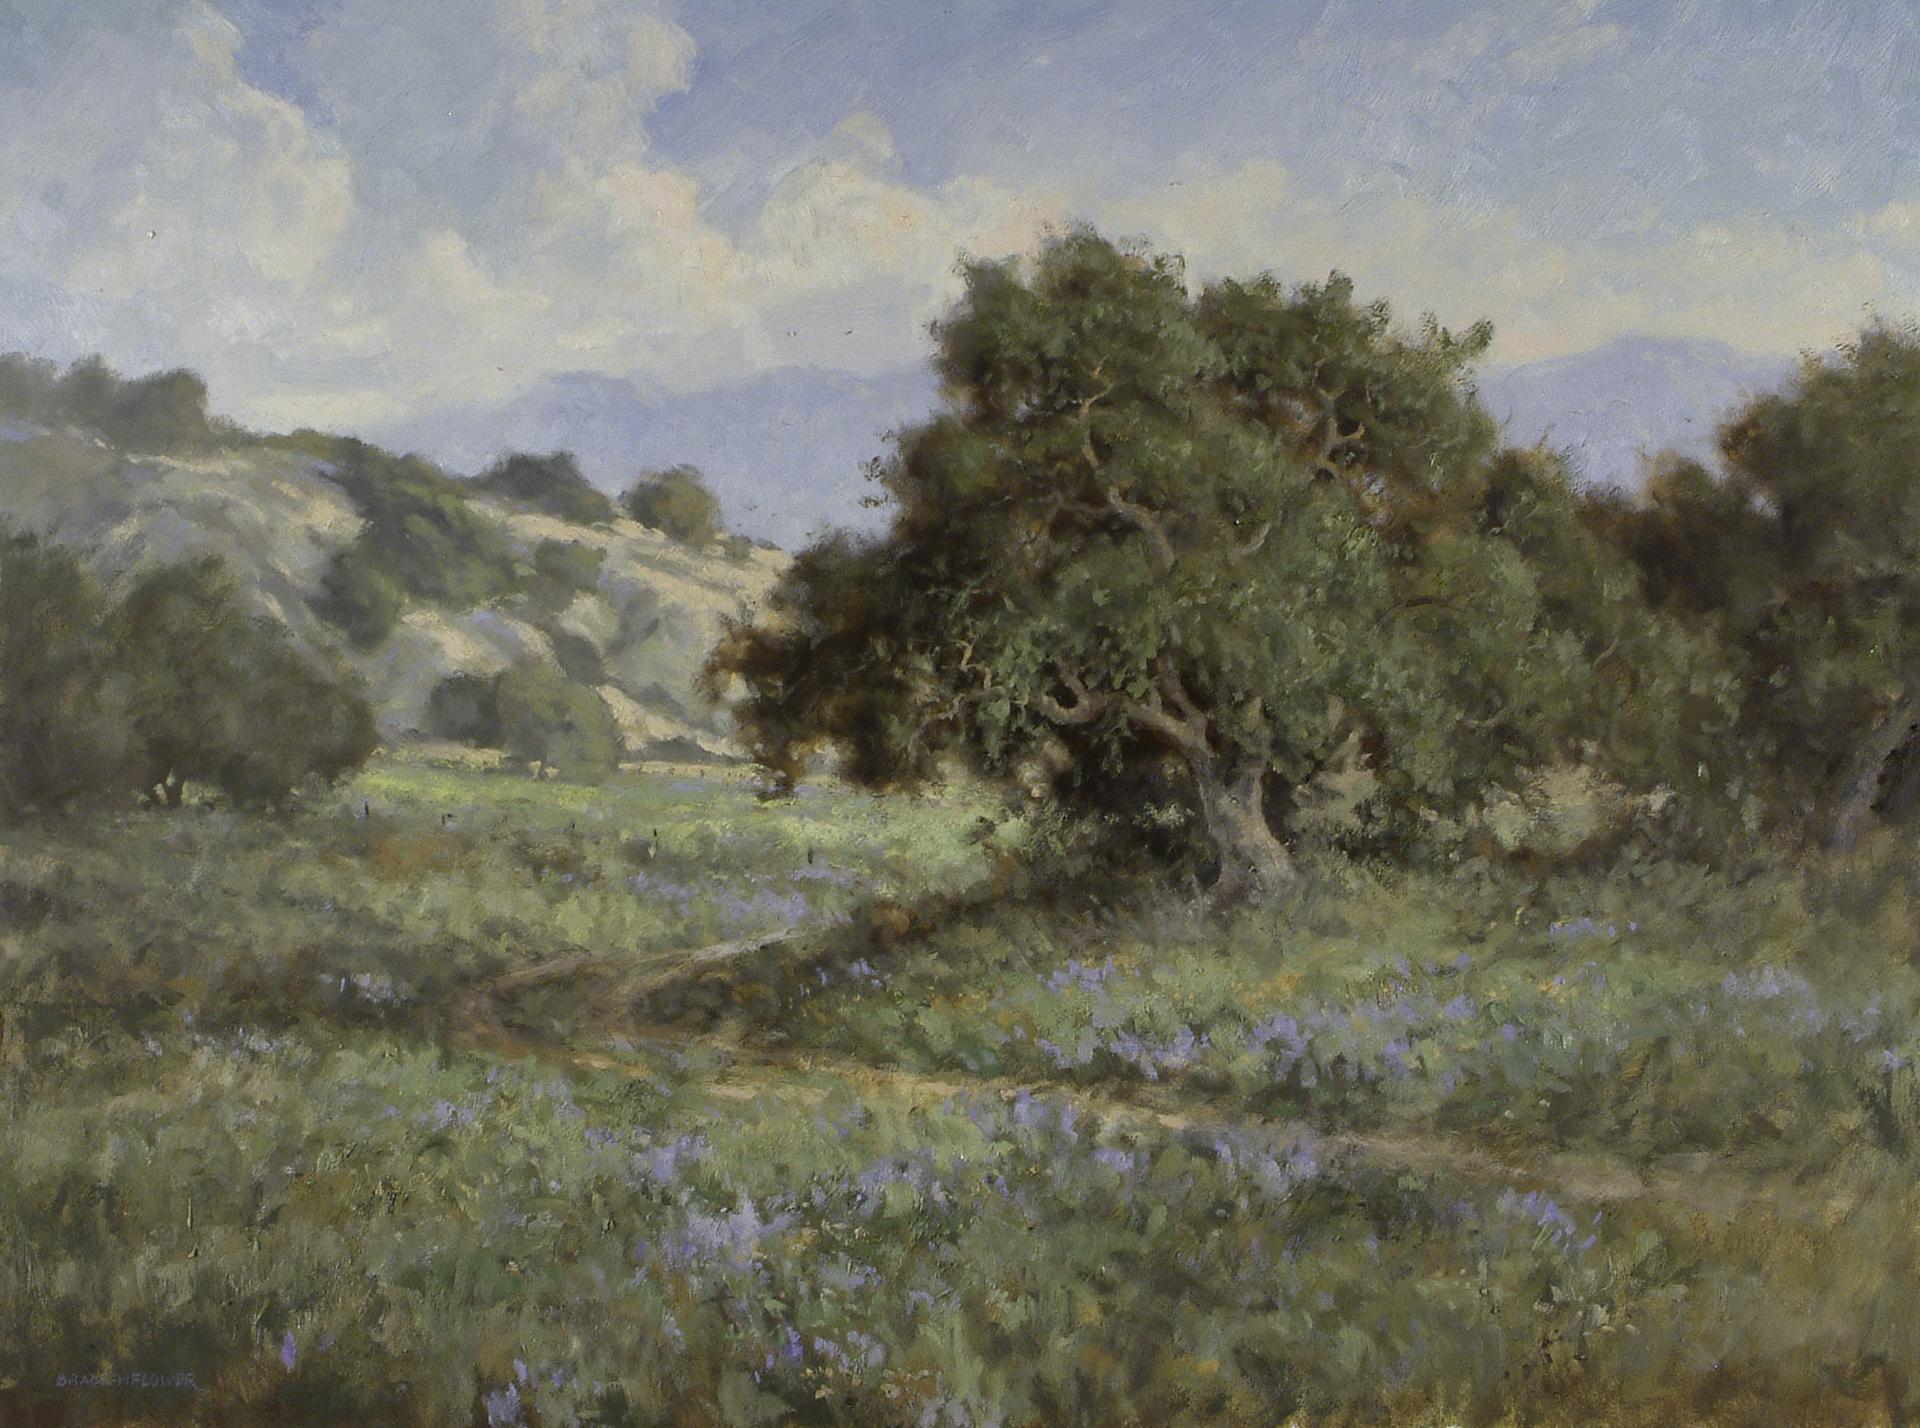 Yvonne Branchflower, Vibrant Spring